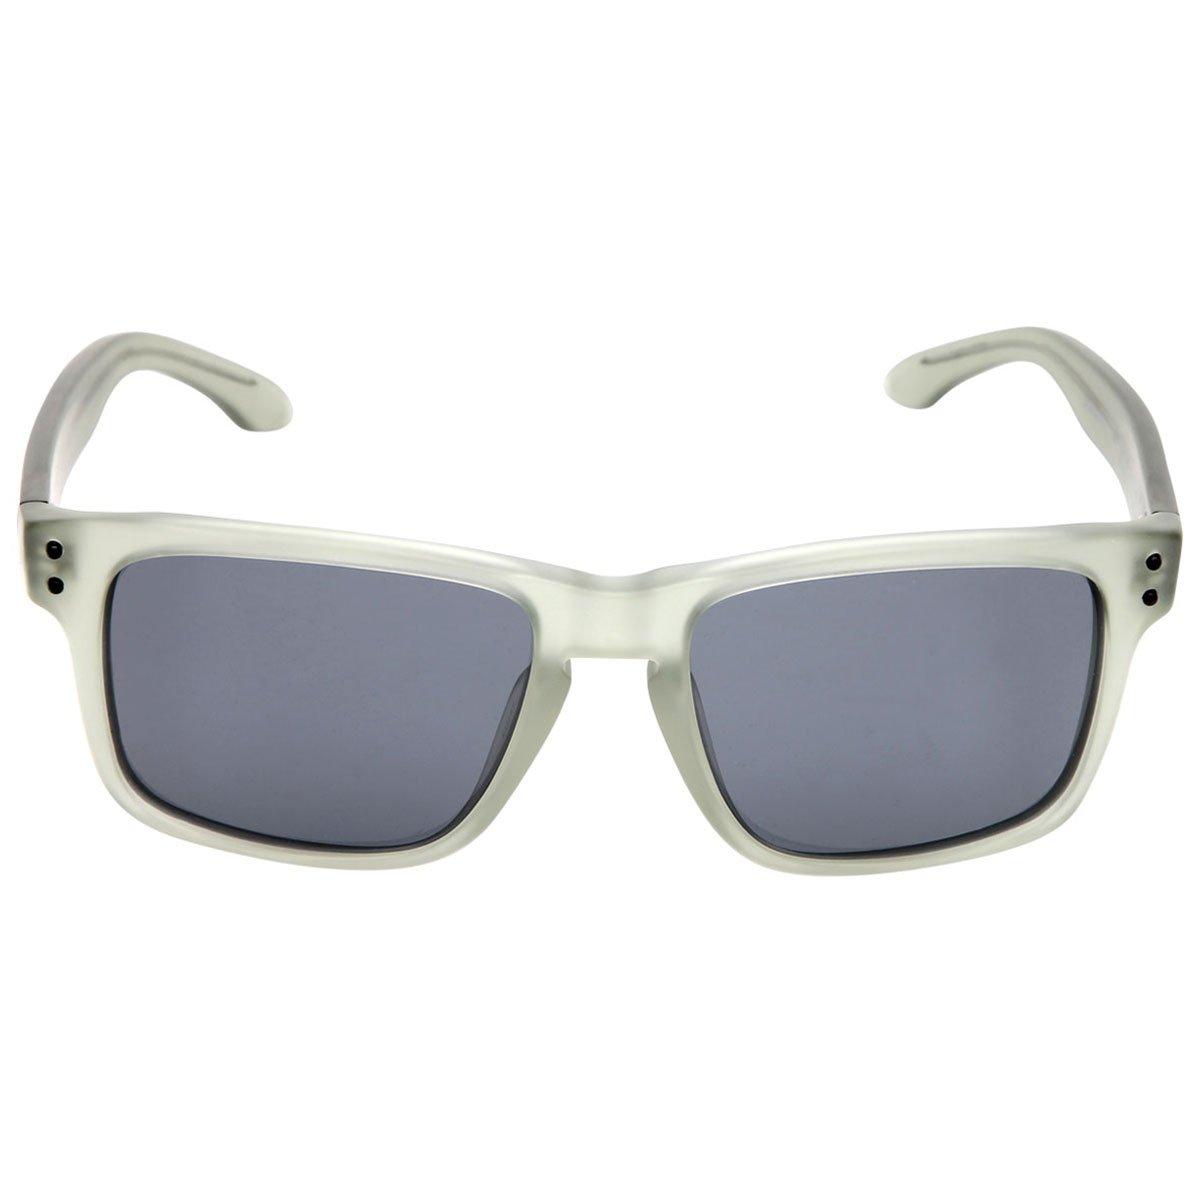 a115c36858d98 Óculos Oakley Holbrook LX  Óculos Oakley Holbrook LX ...